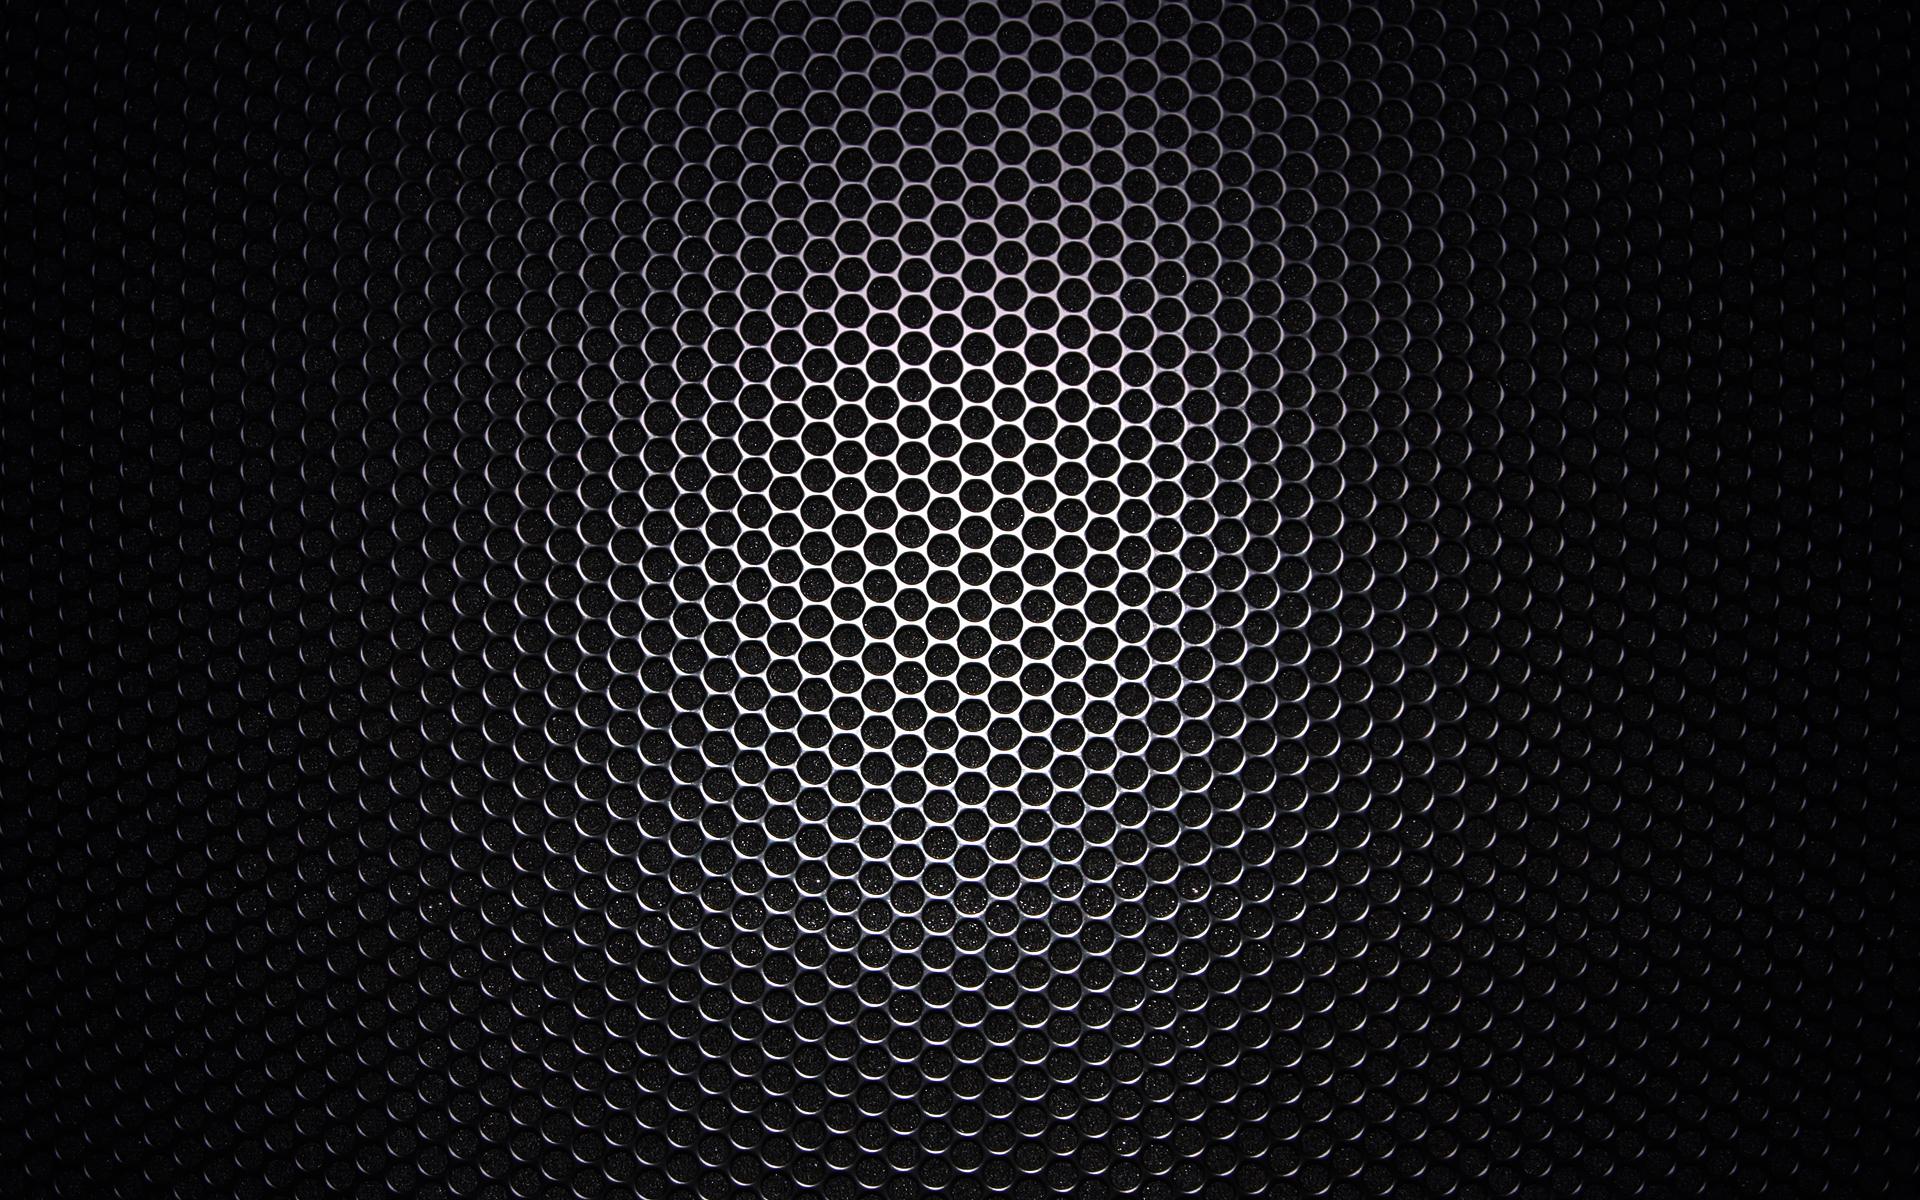 Background-wallpaper-speaker-opera-images-497434.jpg